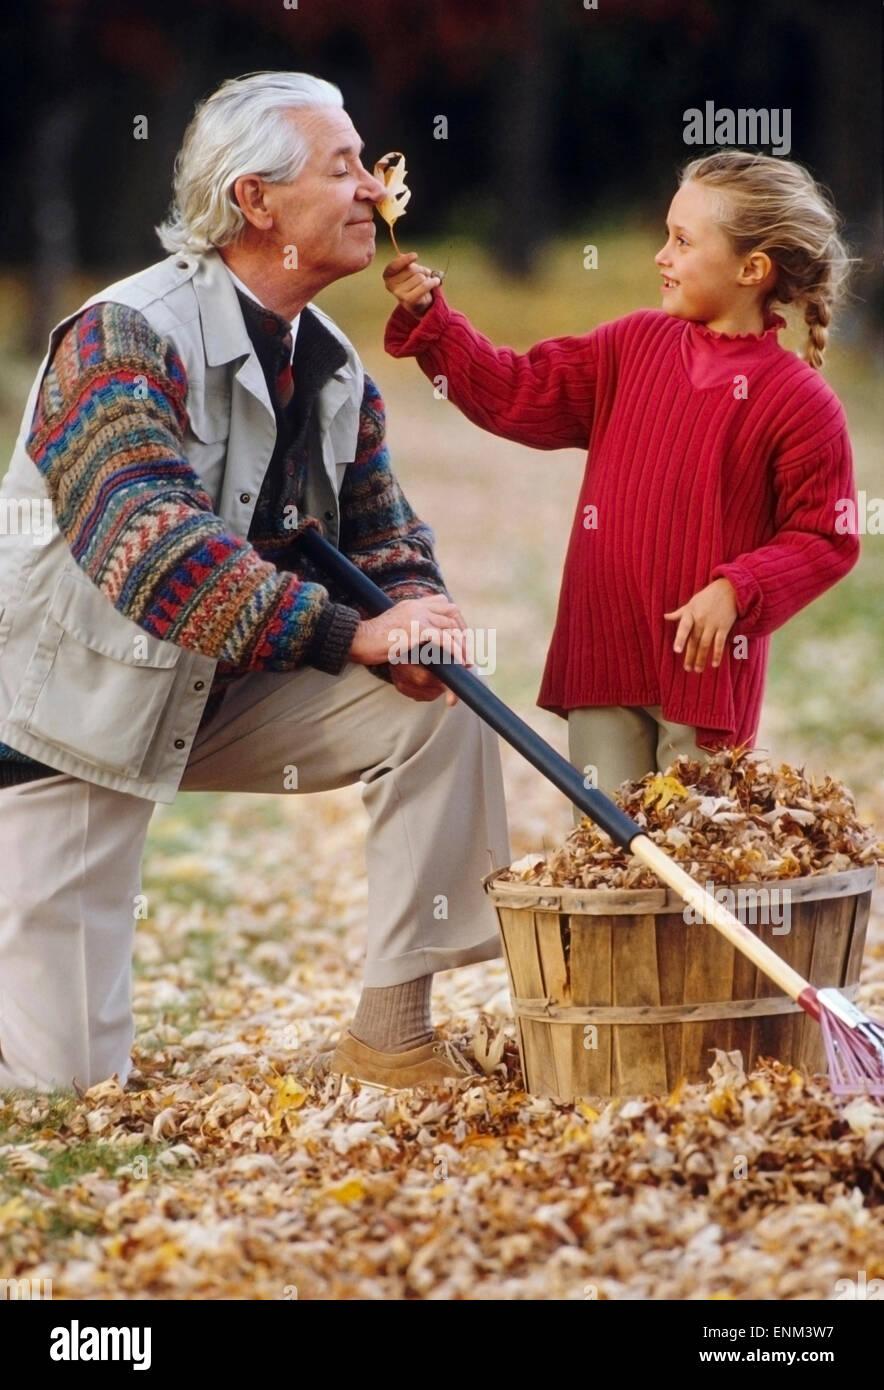 Abuelo y nieta con hojas Imagen De Stock